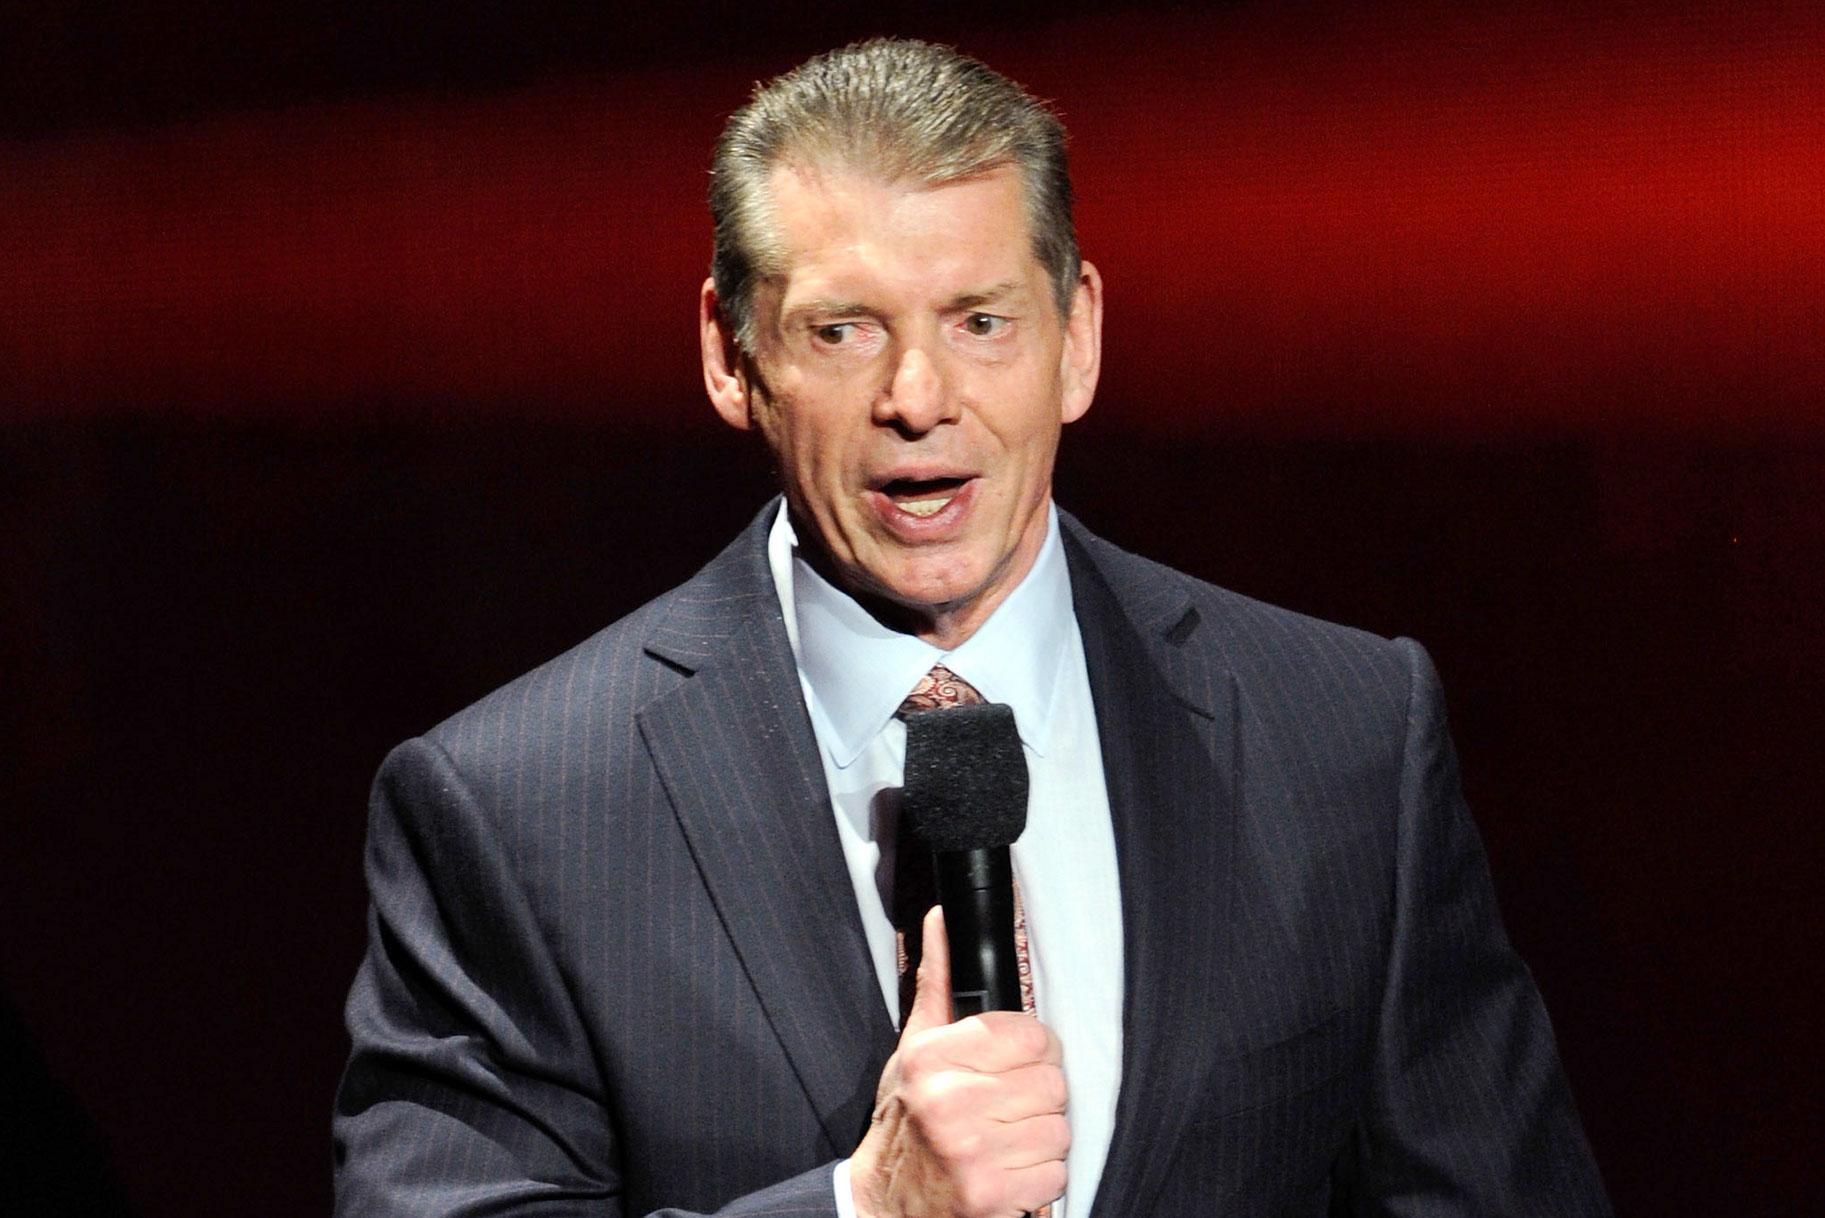 Od seksualnog napada do hranjenja steroidima hrvača, za sve nečuvene stvari optužen je izvršni direktor WWE-a Vince McMahon